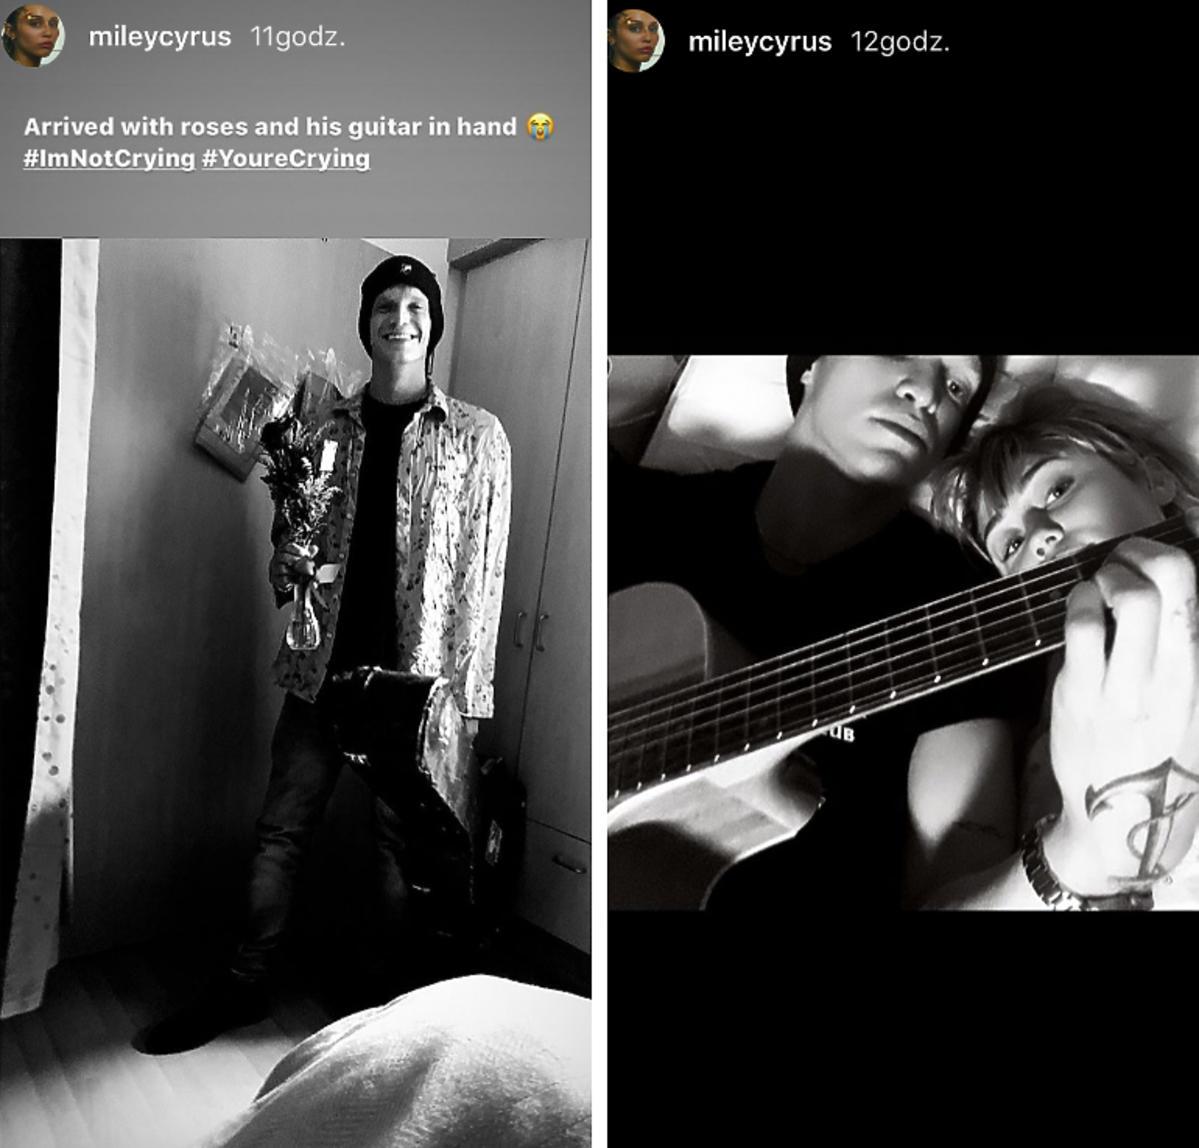 Miley Cyrus z chłopakiem w szpitalu